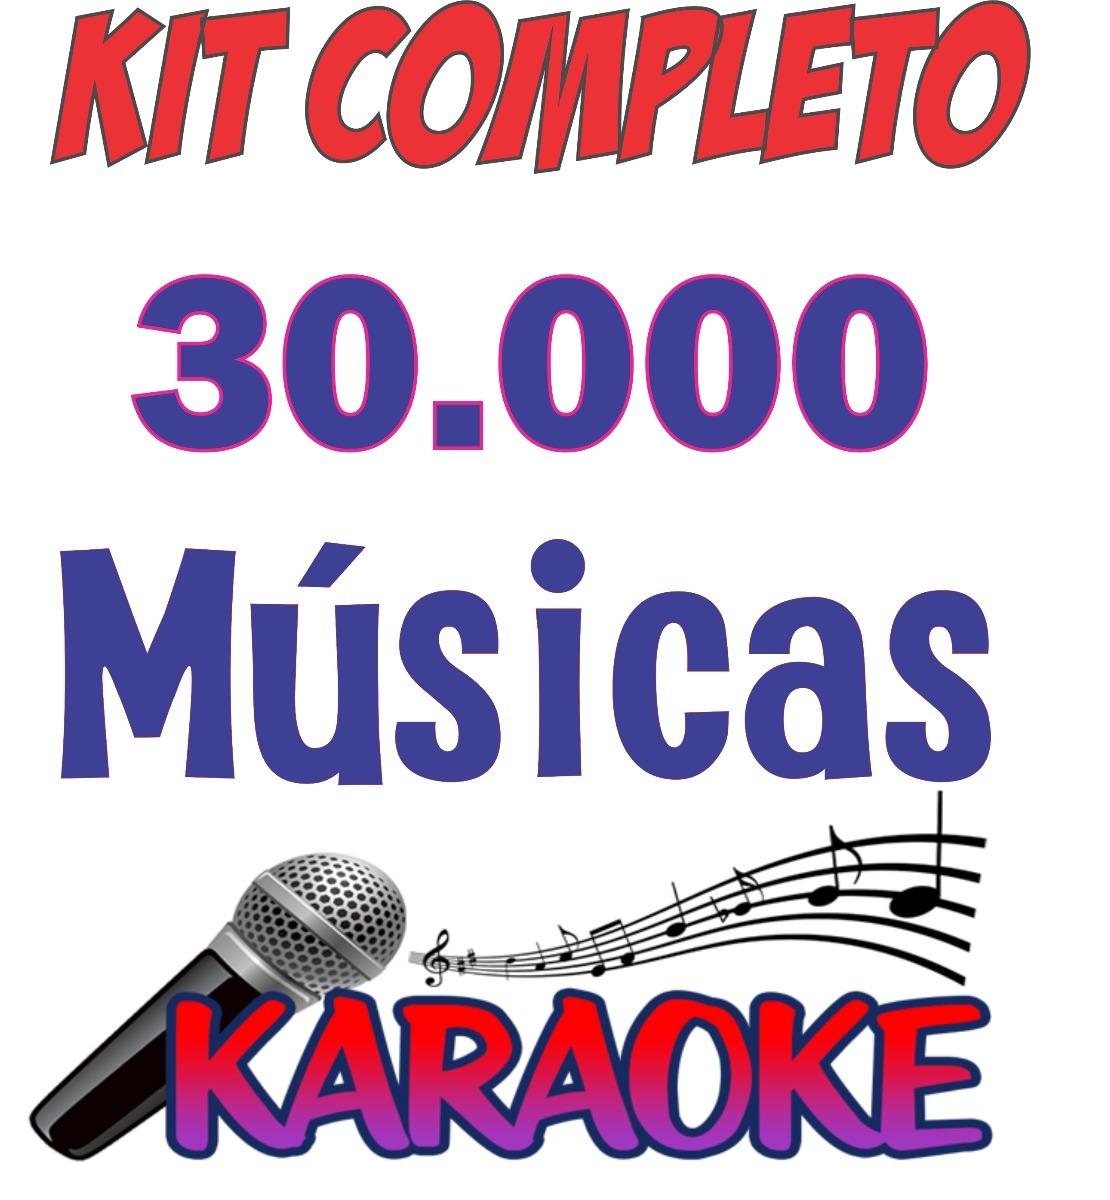 DE VIDEOKE KARAOKE GRATUITO MUSICAS DOWNLOAD